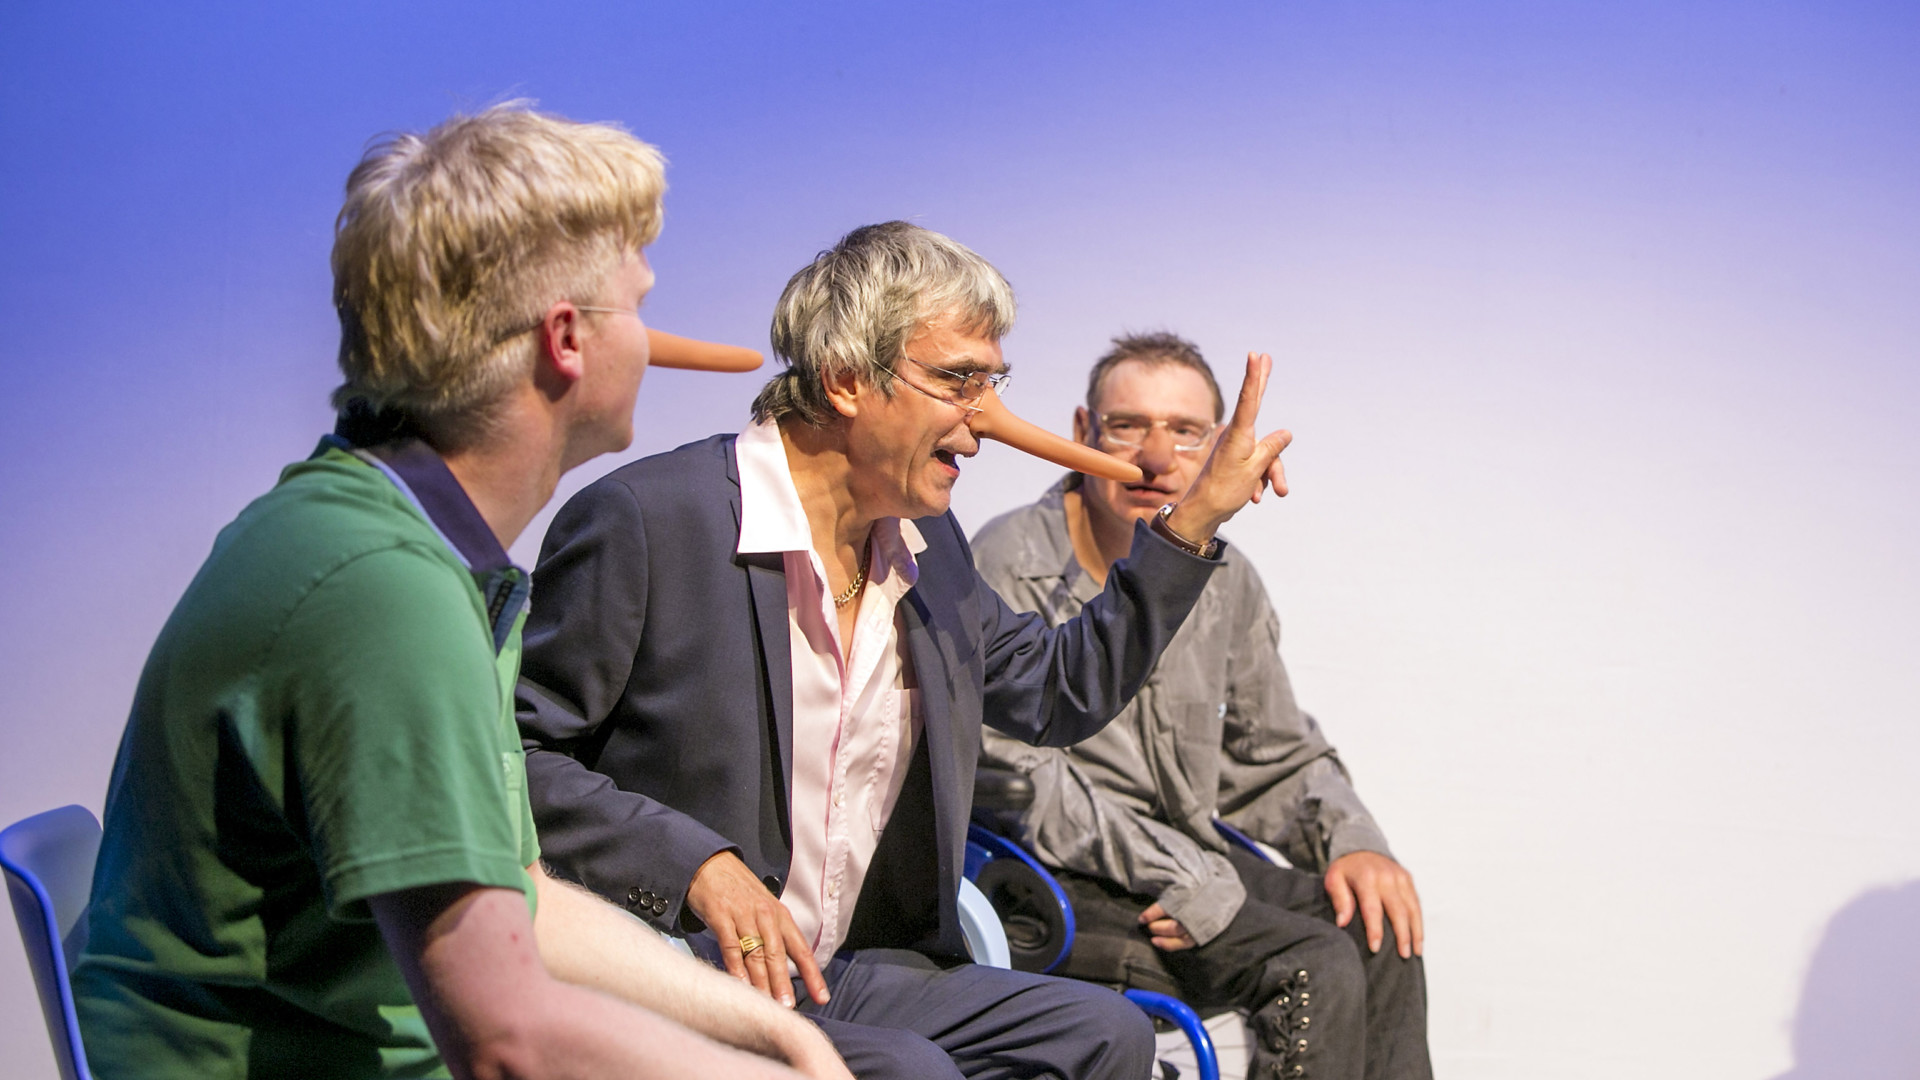 Szenenfoto: Drei Maenner sitzen debattierend auf Stuehlen. Sie tragen im Gesicht lange Pinocchio-Nasen aus Plastik.